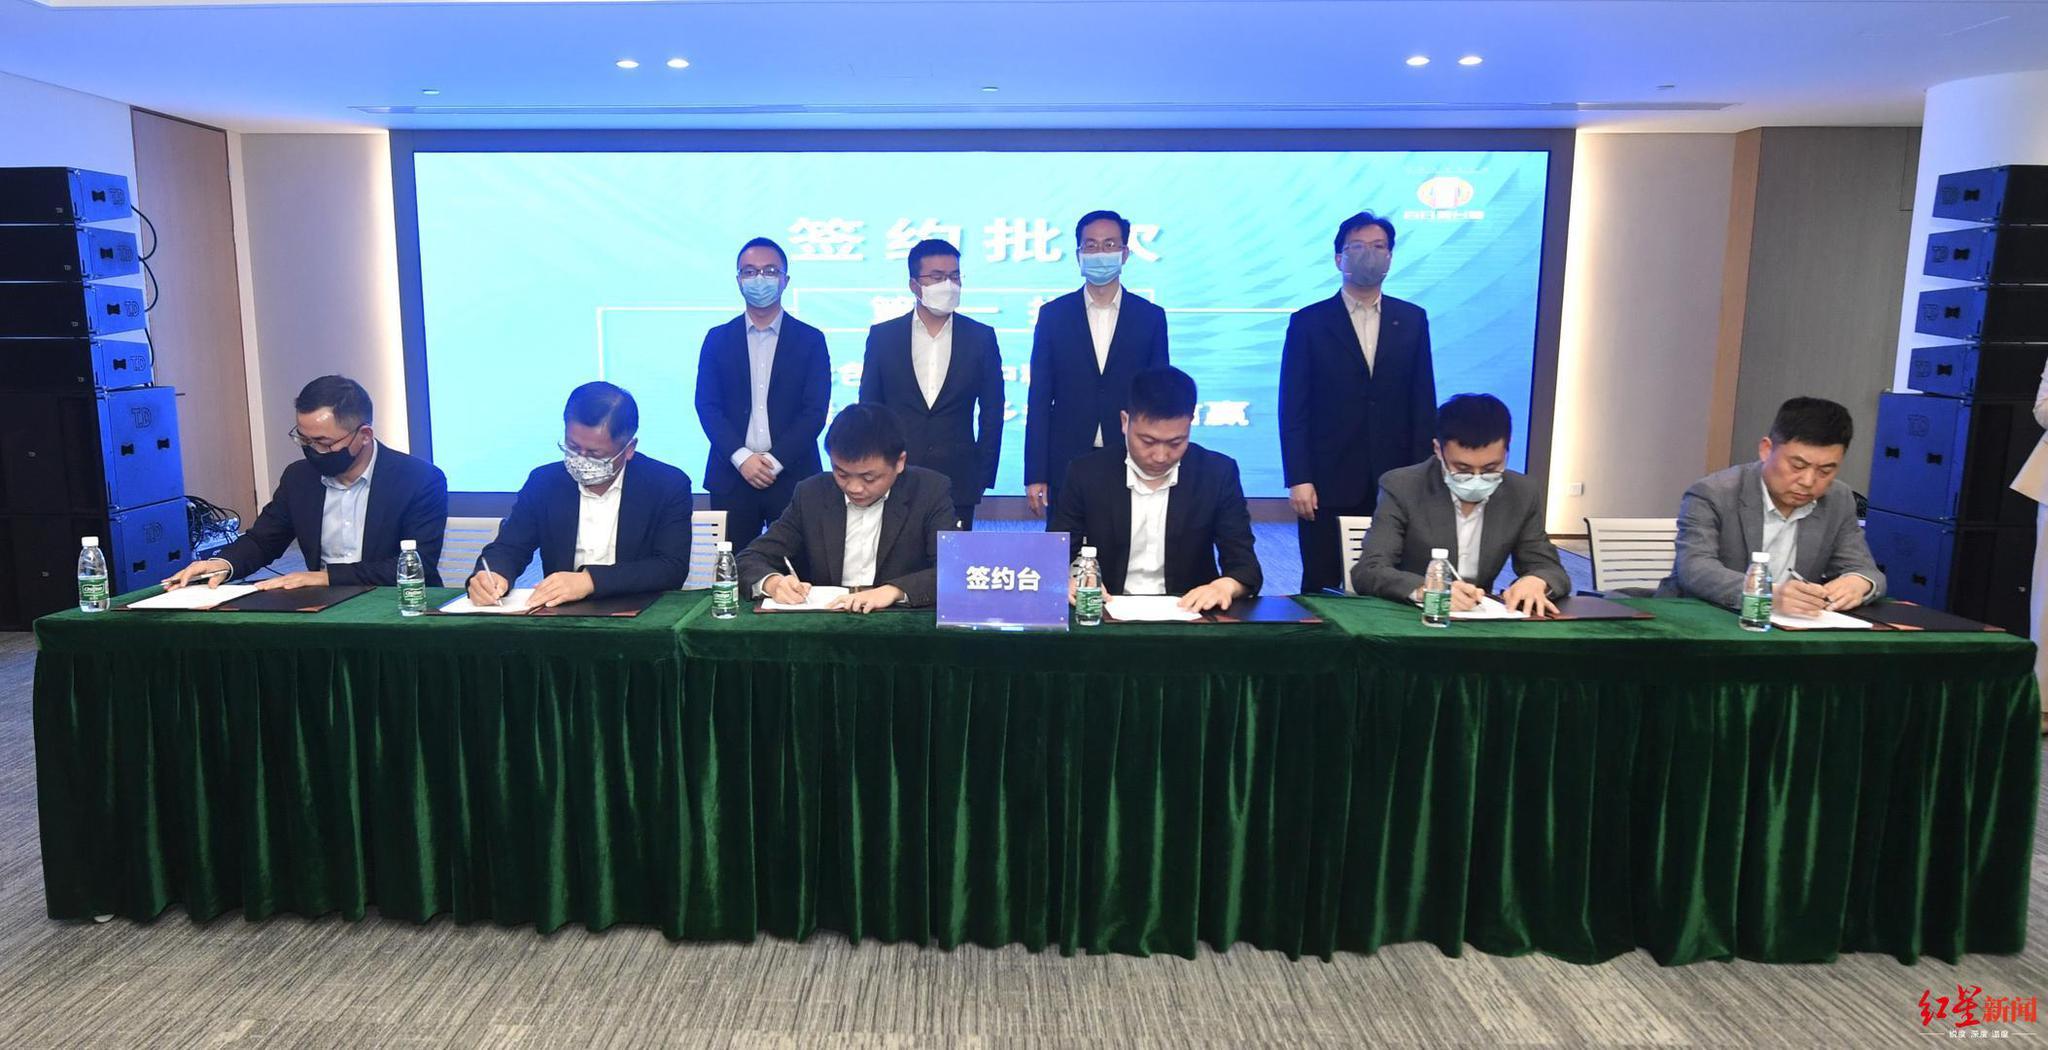 """成都高新区签约15家新经济企业 """"基金+产业园""""加速产业聚集"""